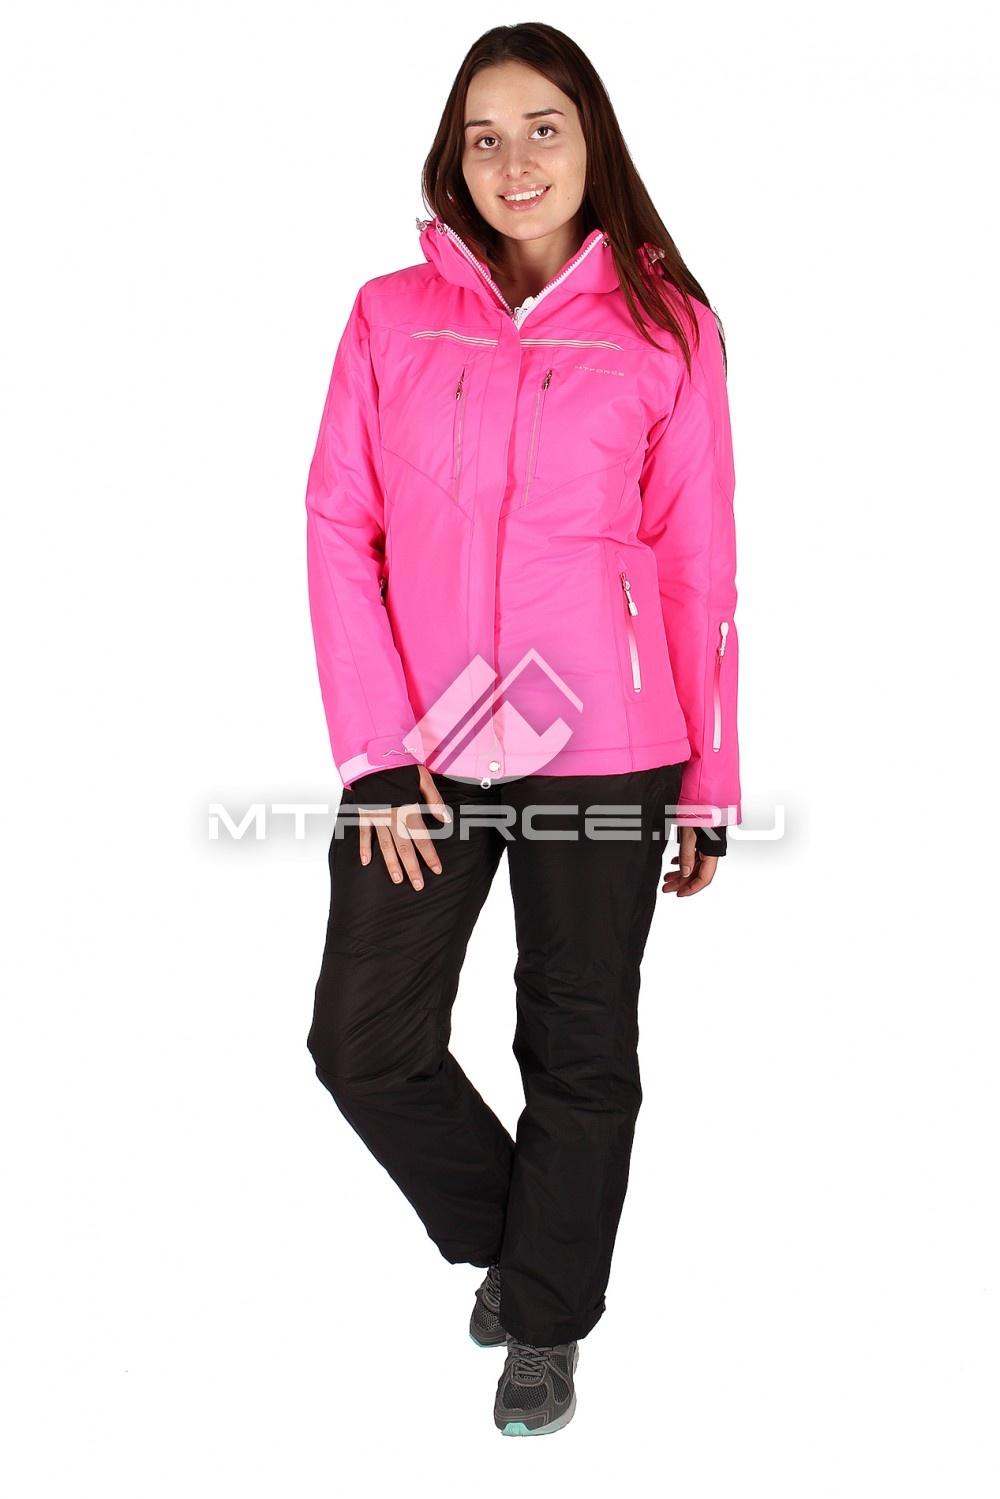 Купить оптом Костюм горнолыжный женский розового цвета 01526R